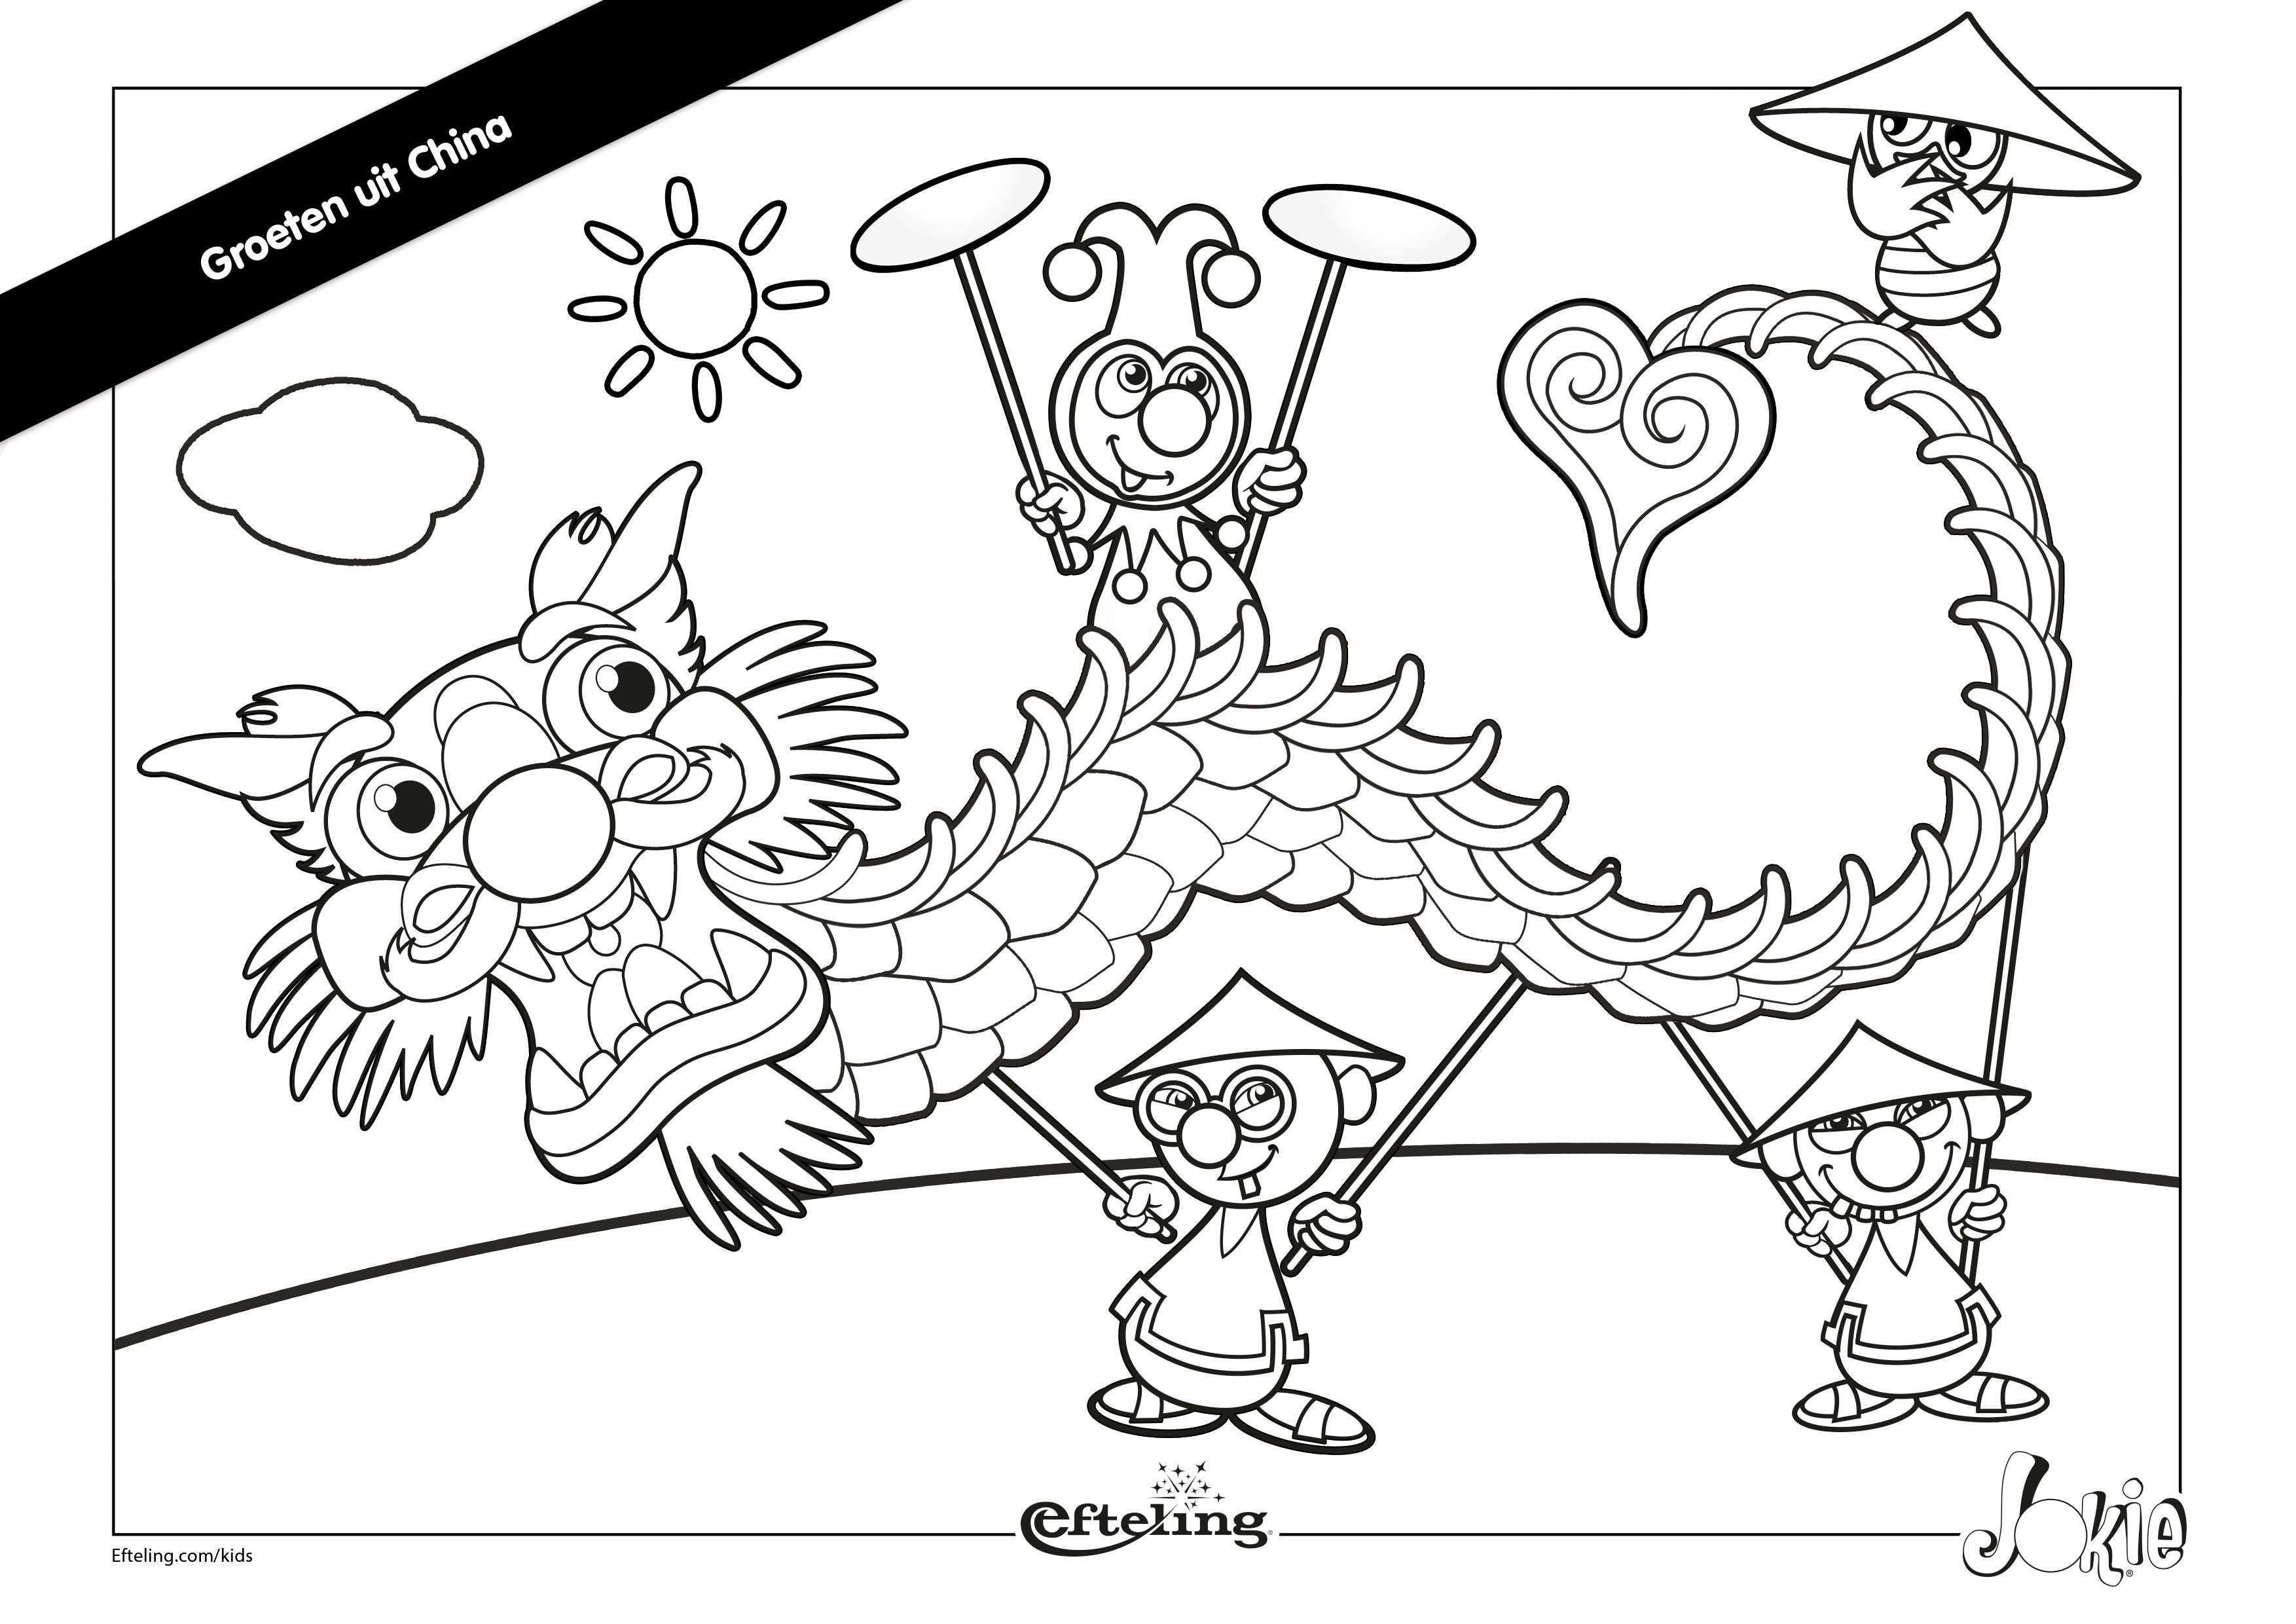 Efteling Kleurplaat Jokie In China Kleurplaten Sprookjesboom Thema